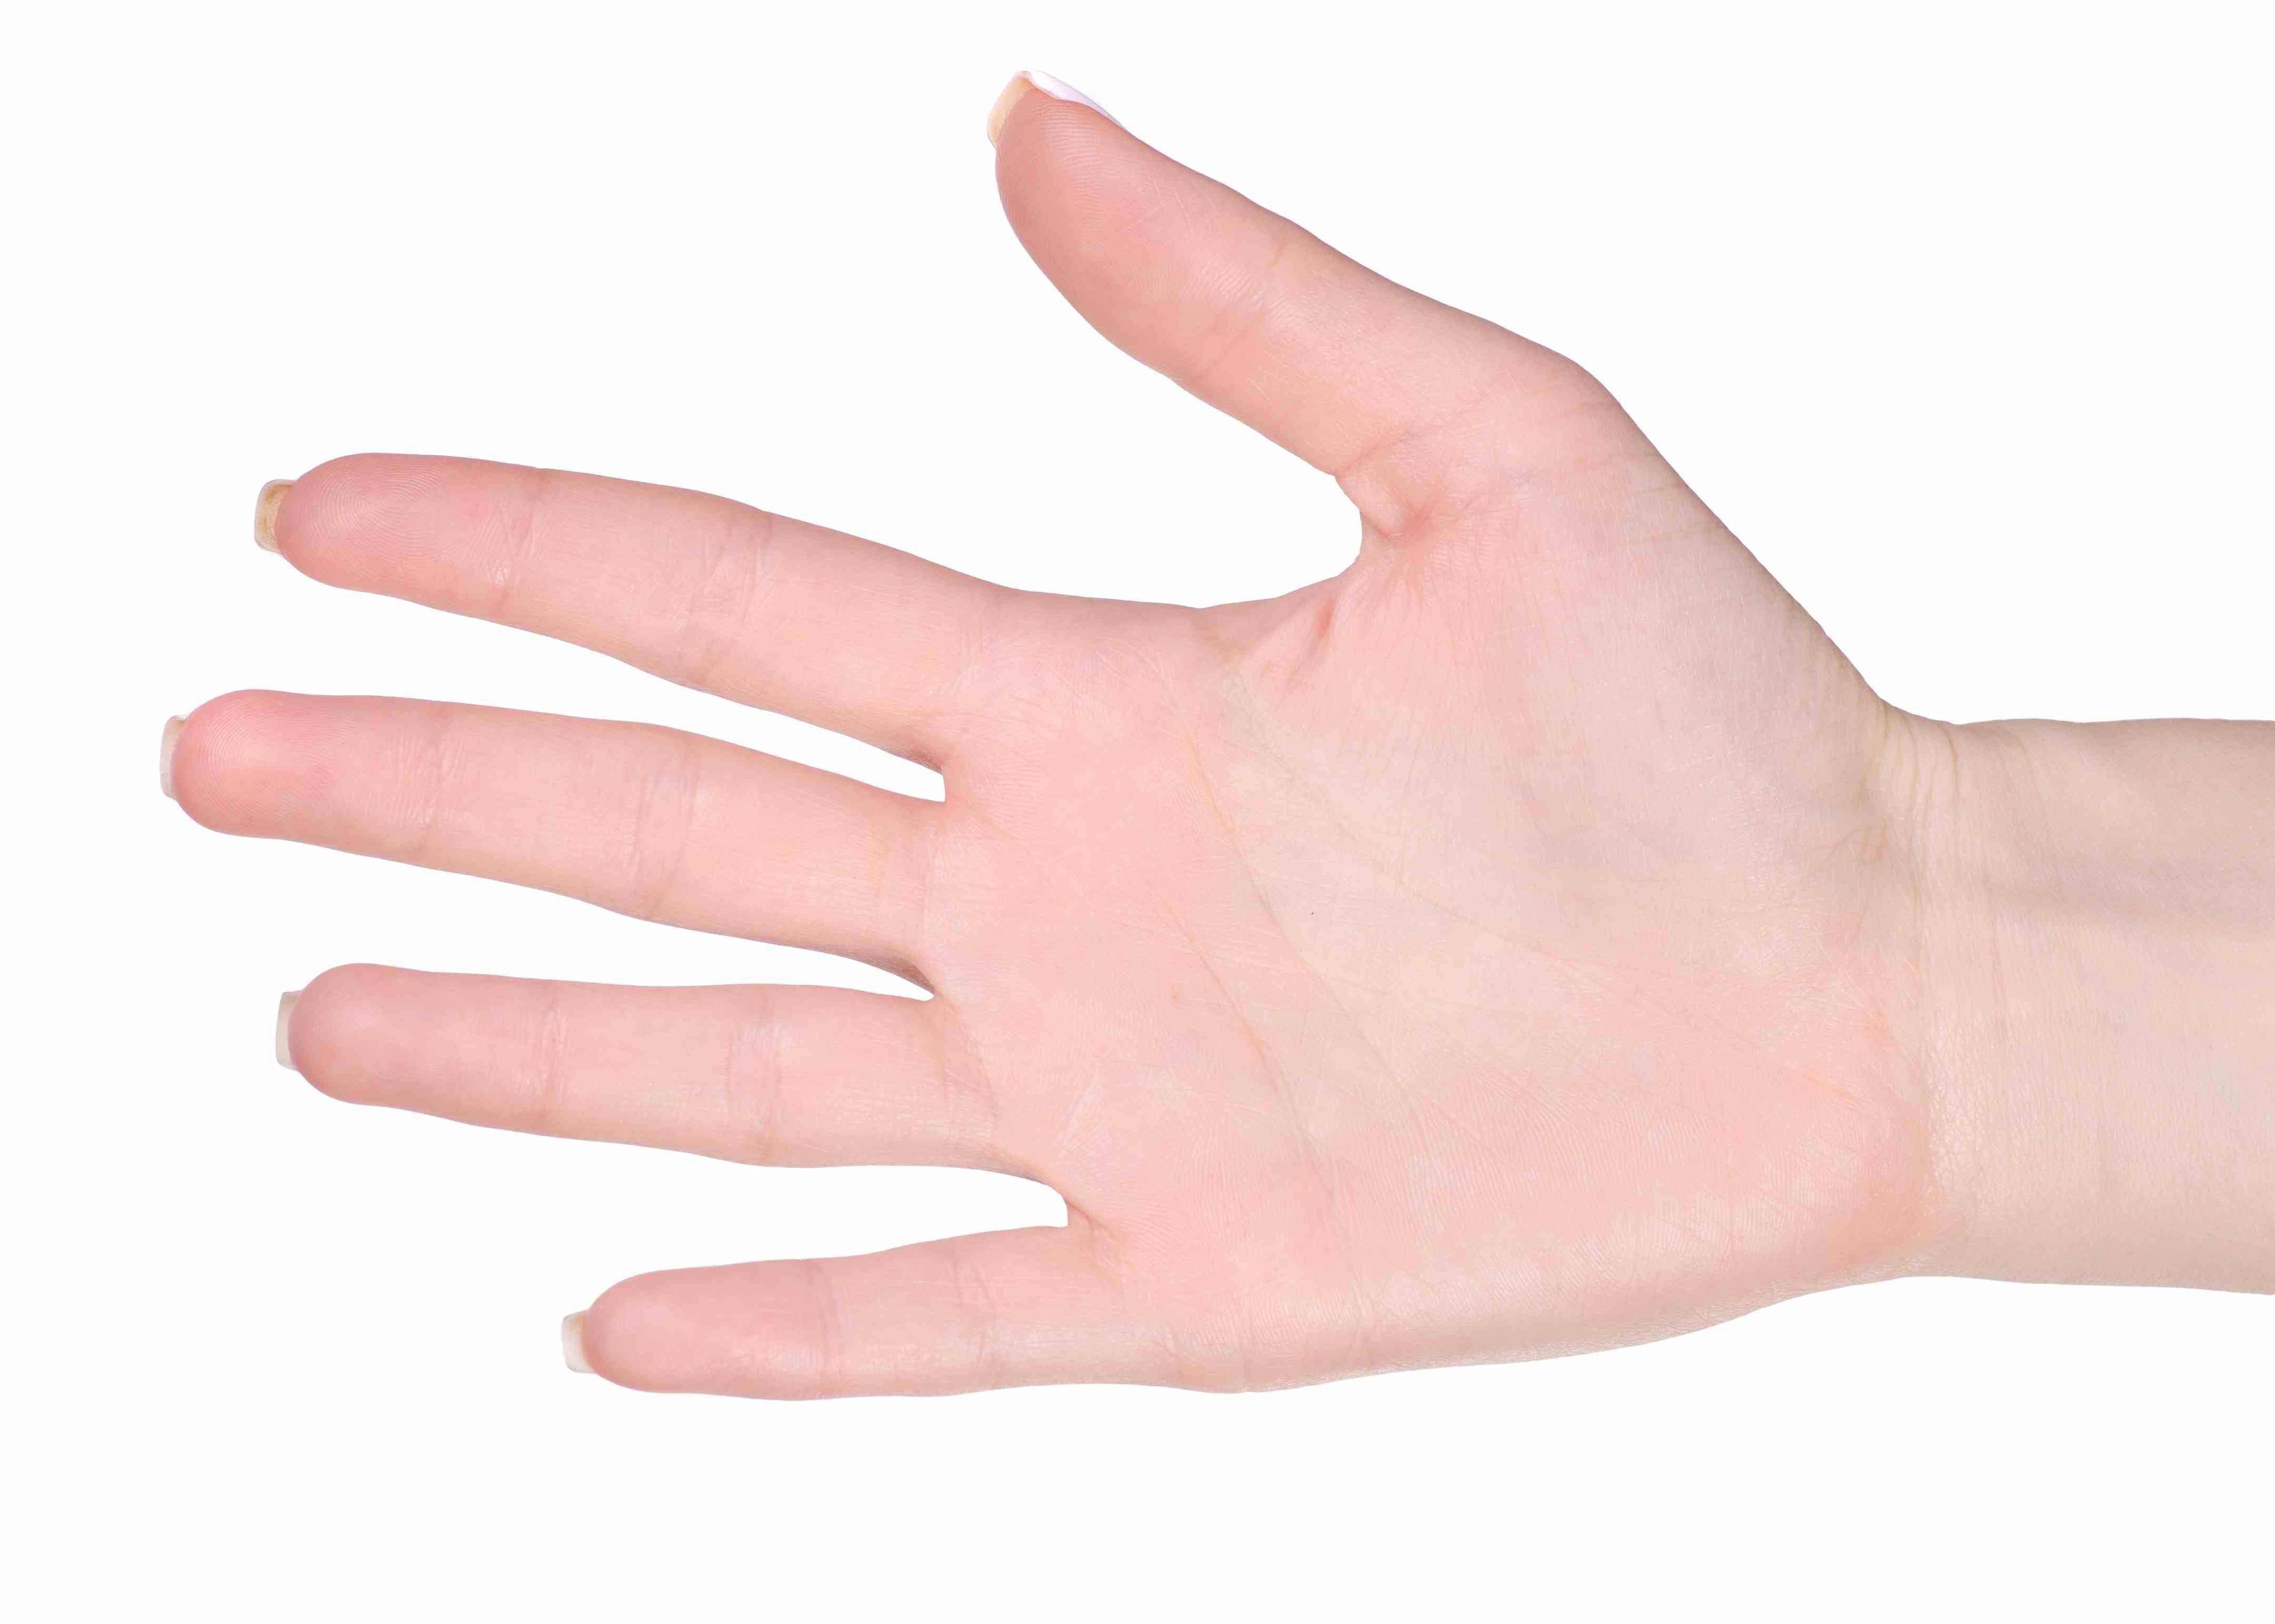 leziune la încheietura mâinii închise tratamentul bolii articulare toracice cervicale